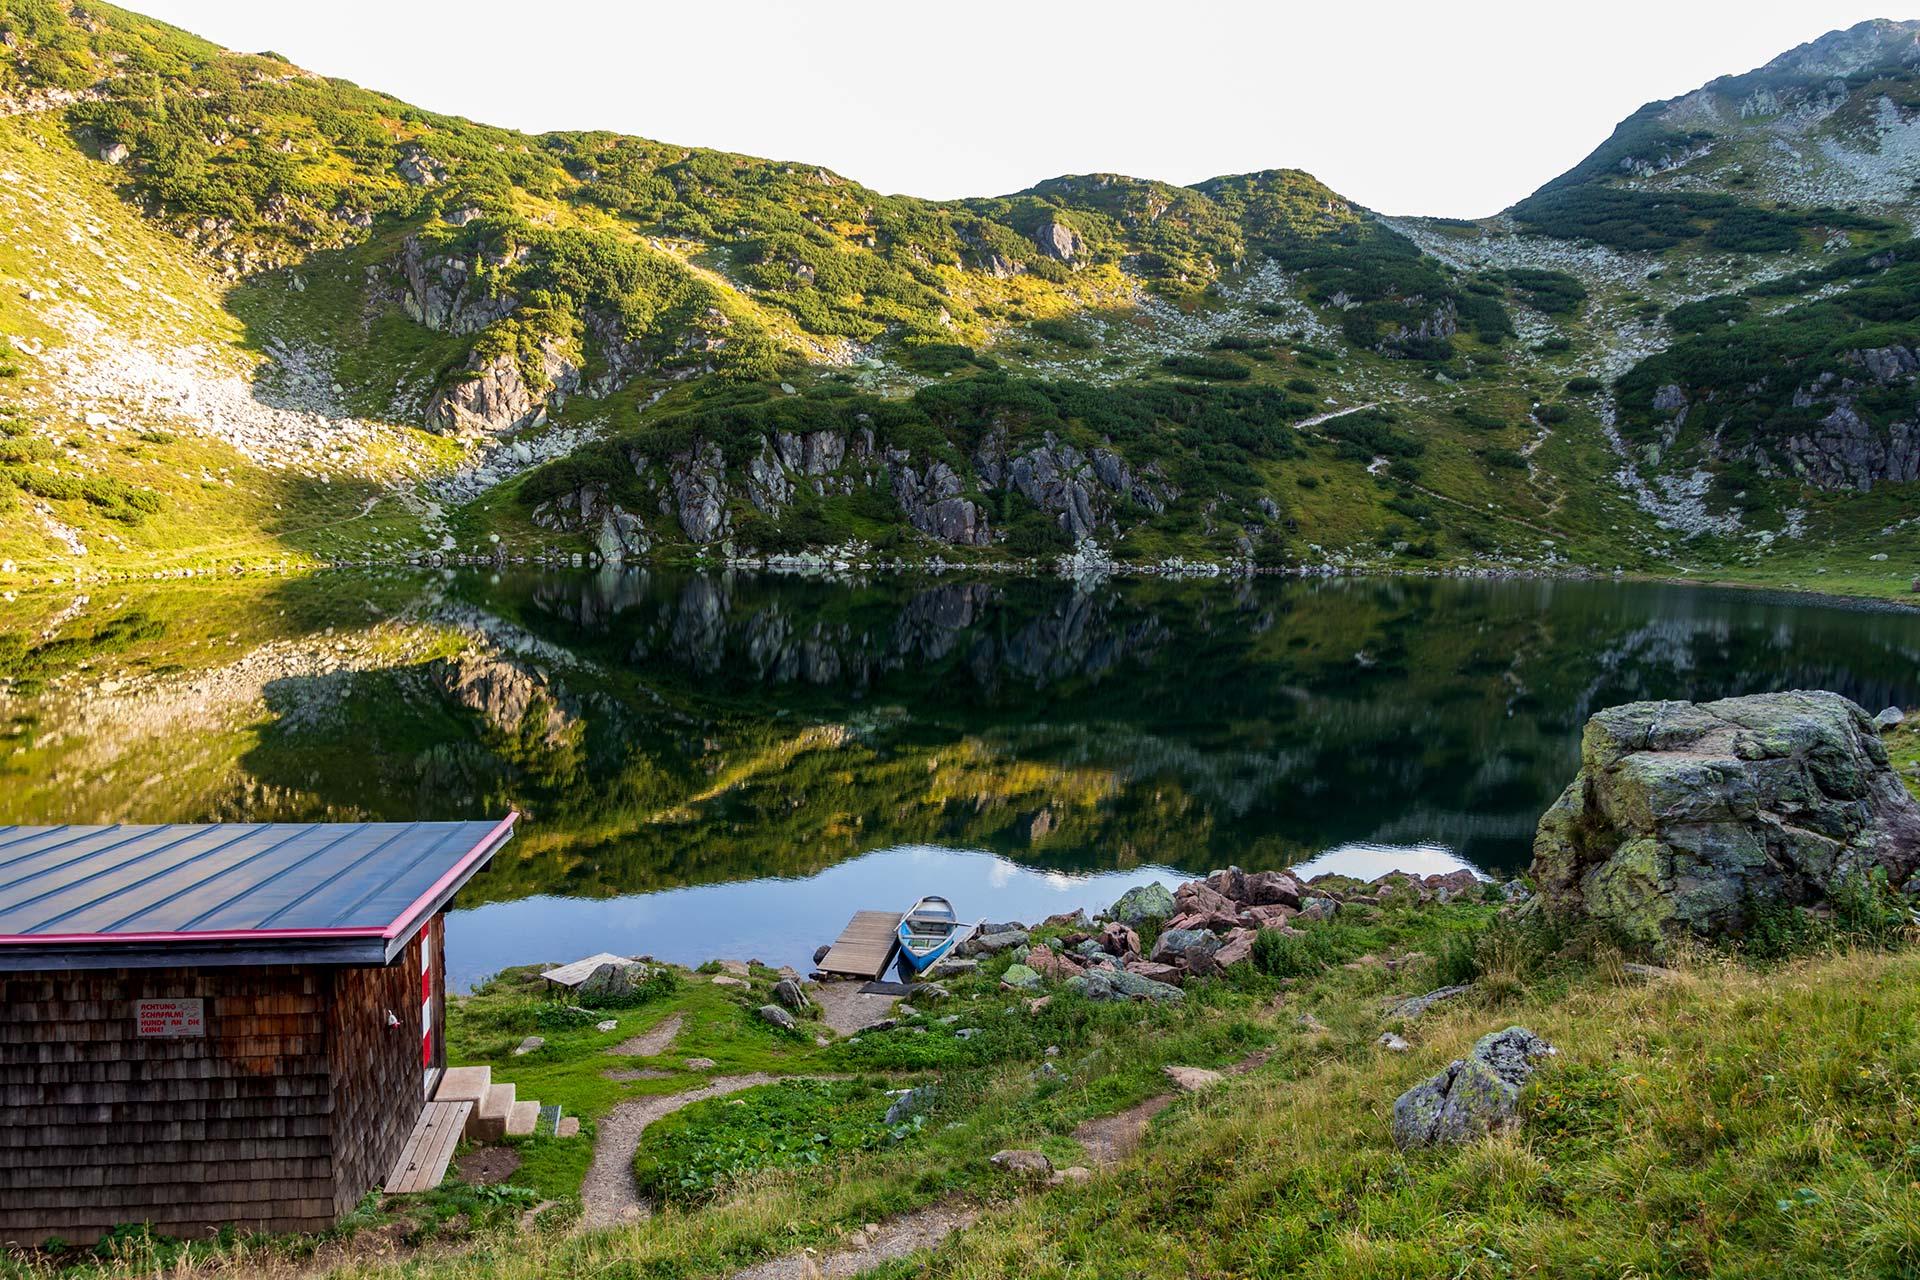 Namensgleichheit zum Merken: Der Wildsee zu Füßen des Wildseeloder und seiner Wildseeloderhütte.